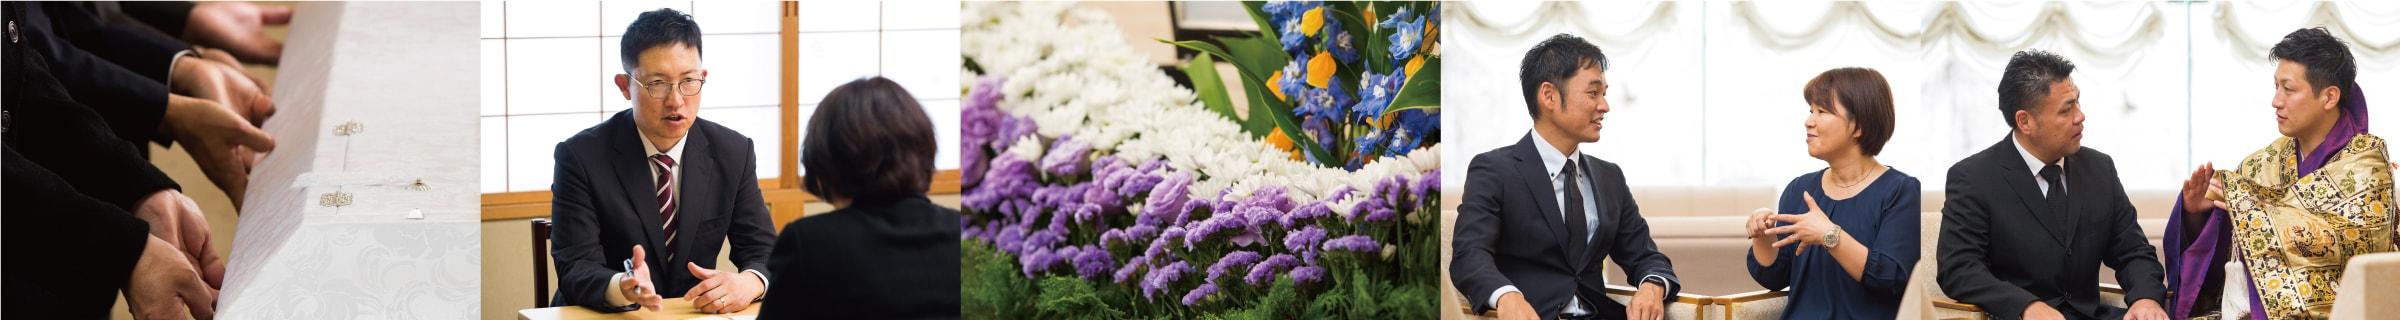 〈地域密着で葬儀社との連携が取れているので緊急でも早急な対応が可能〉